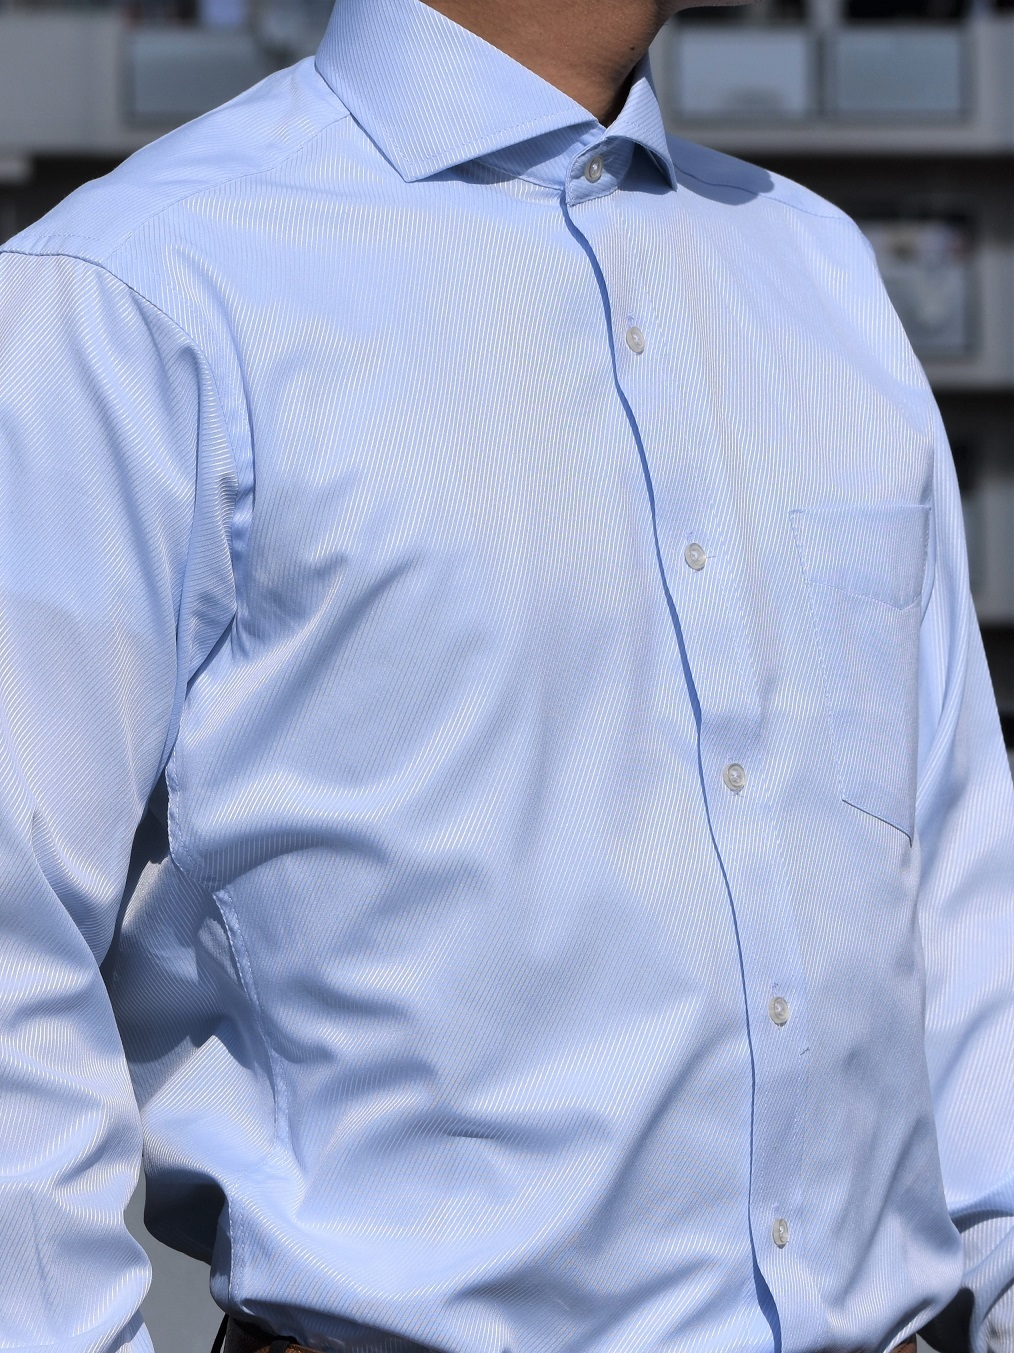 ドビーシャツ(ライトブルー)